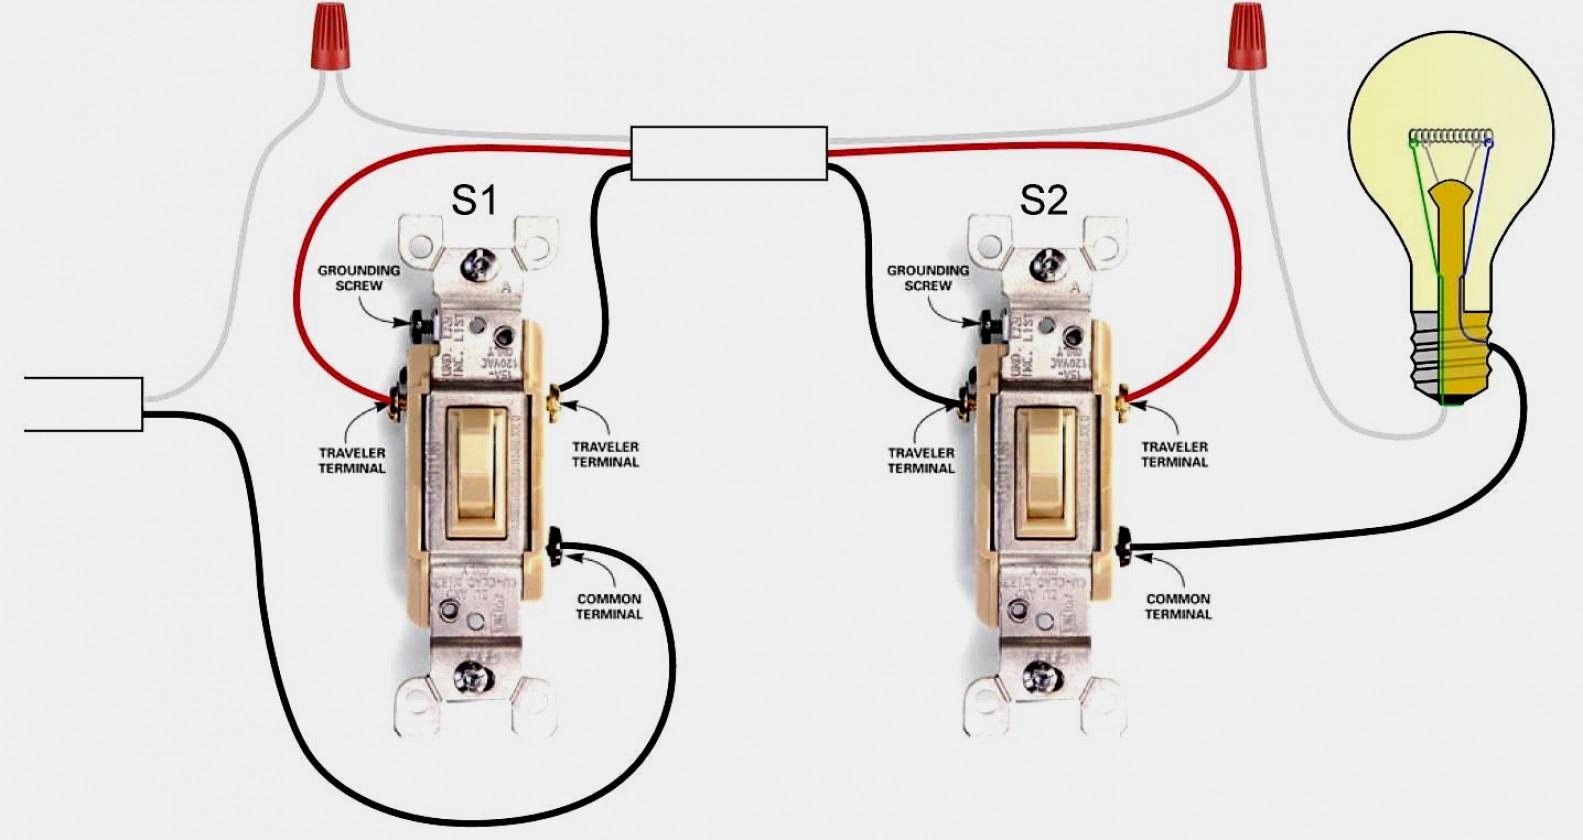 Way Leviton 4 Way Switch Instructions Leviton 3 Way Switch Wiring - Leviton 4 Way Switch Wiring Diagram